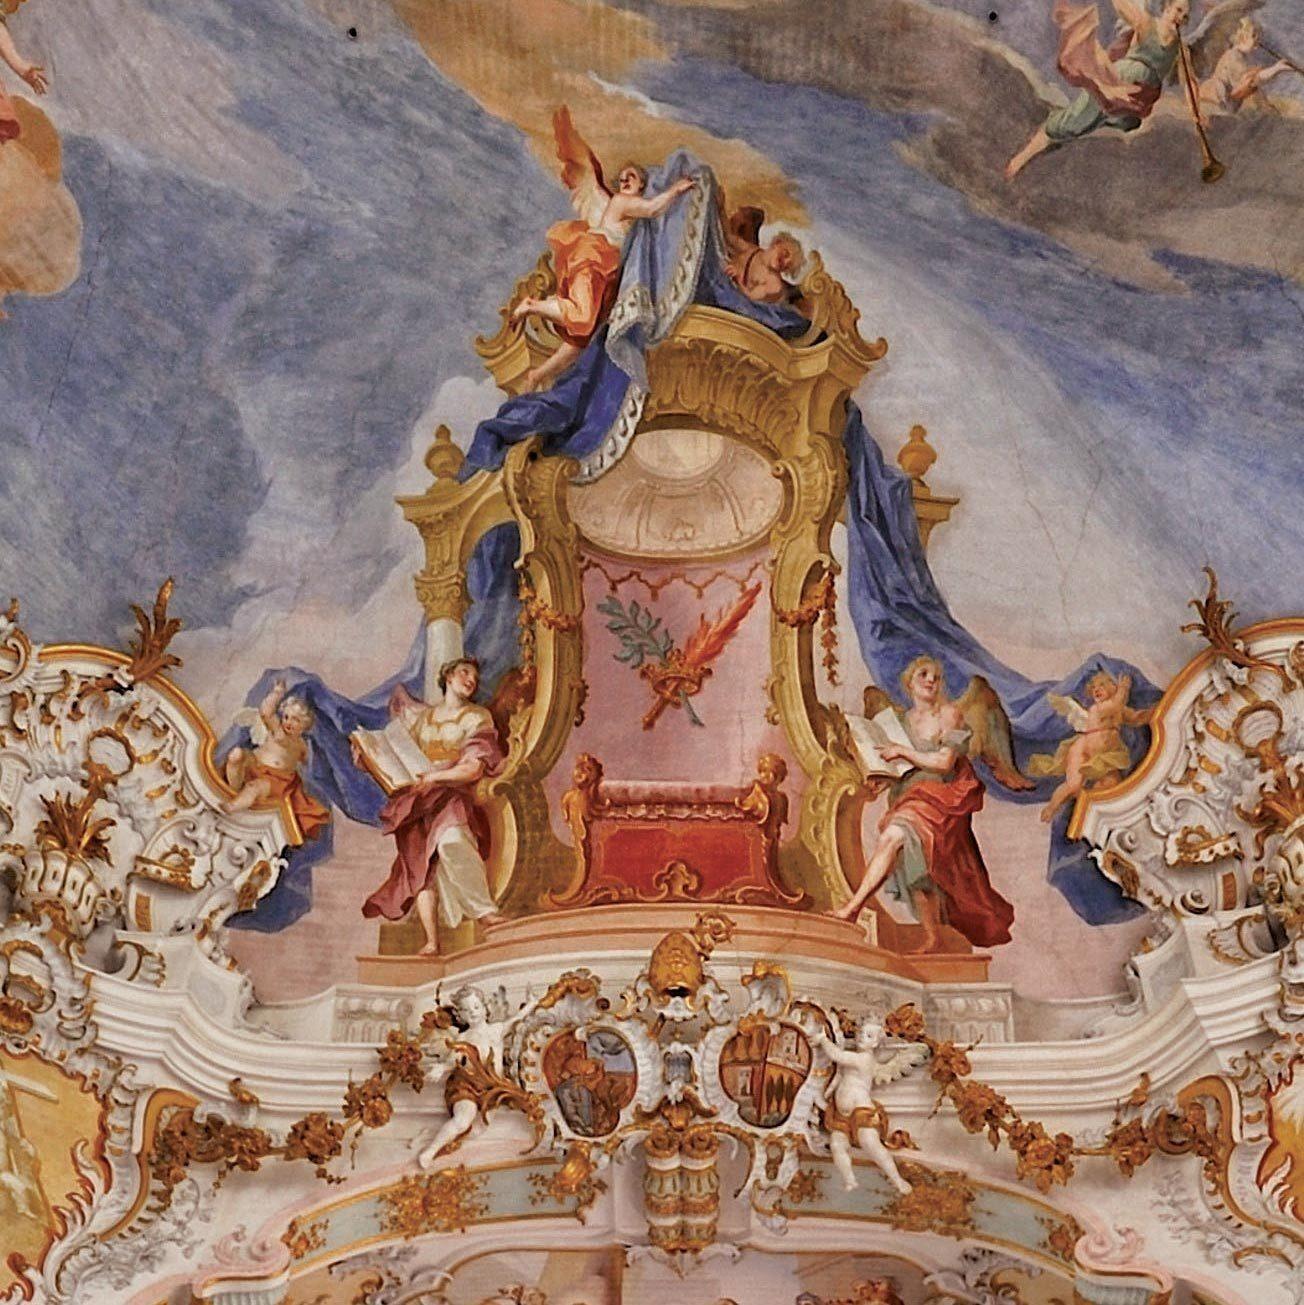 Vue intérieure de l'église de Wies (Bavière),